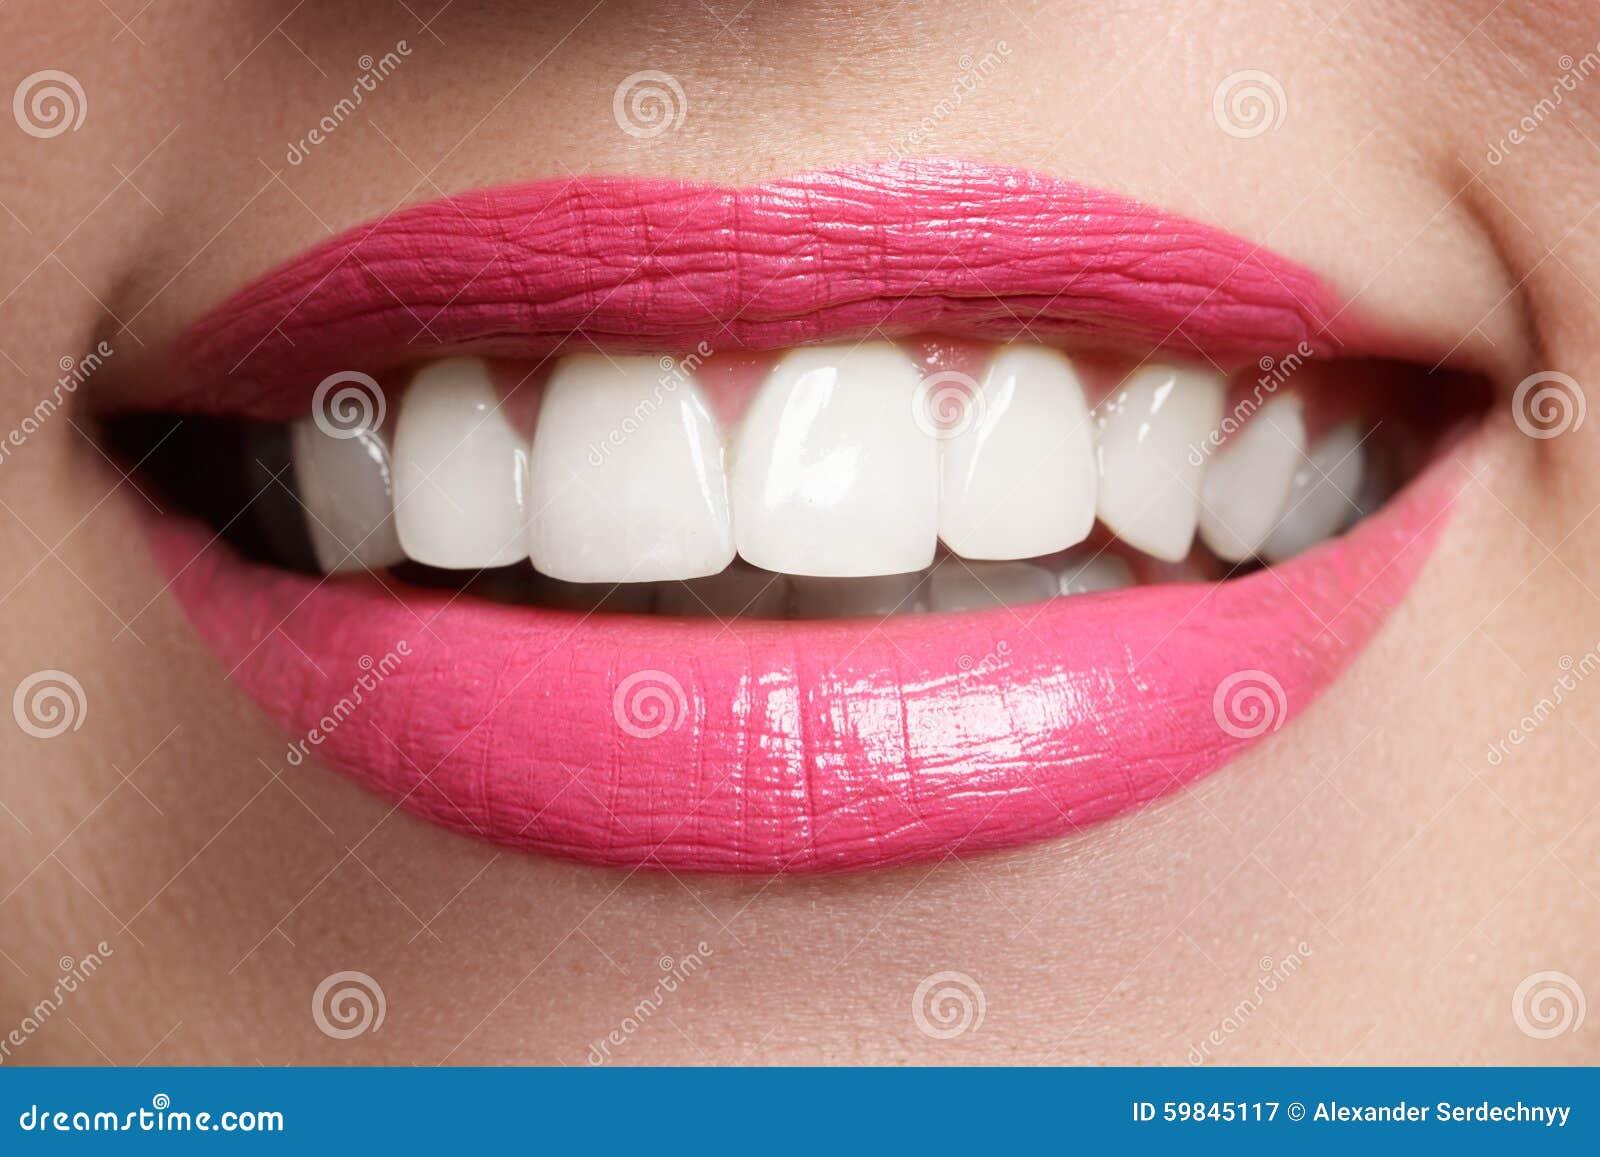 Aperfeiçoe o sorriso após o descoramento Dentes dos cuidados dentários e do alvejante Sorriso da mulher com grandes dentes Close-